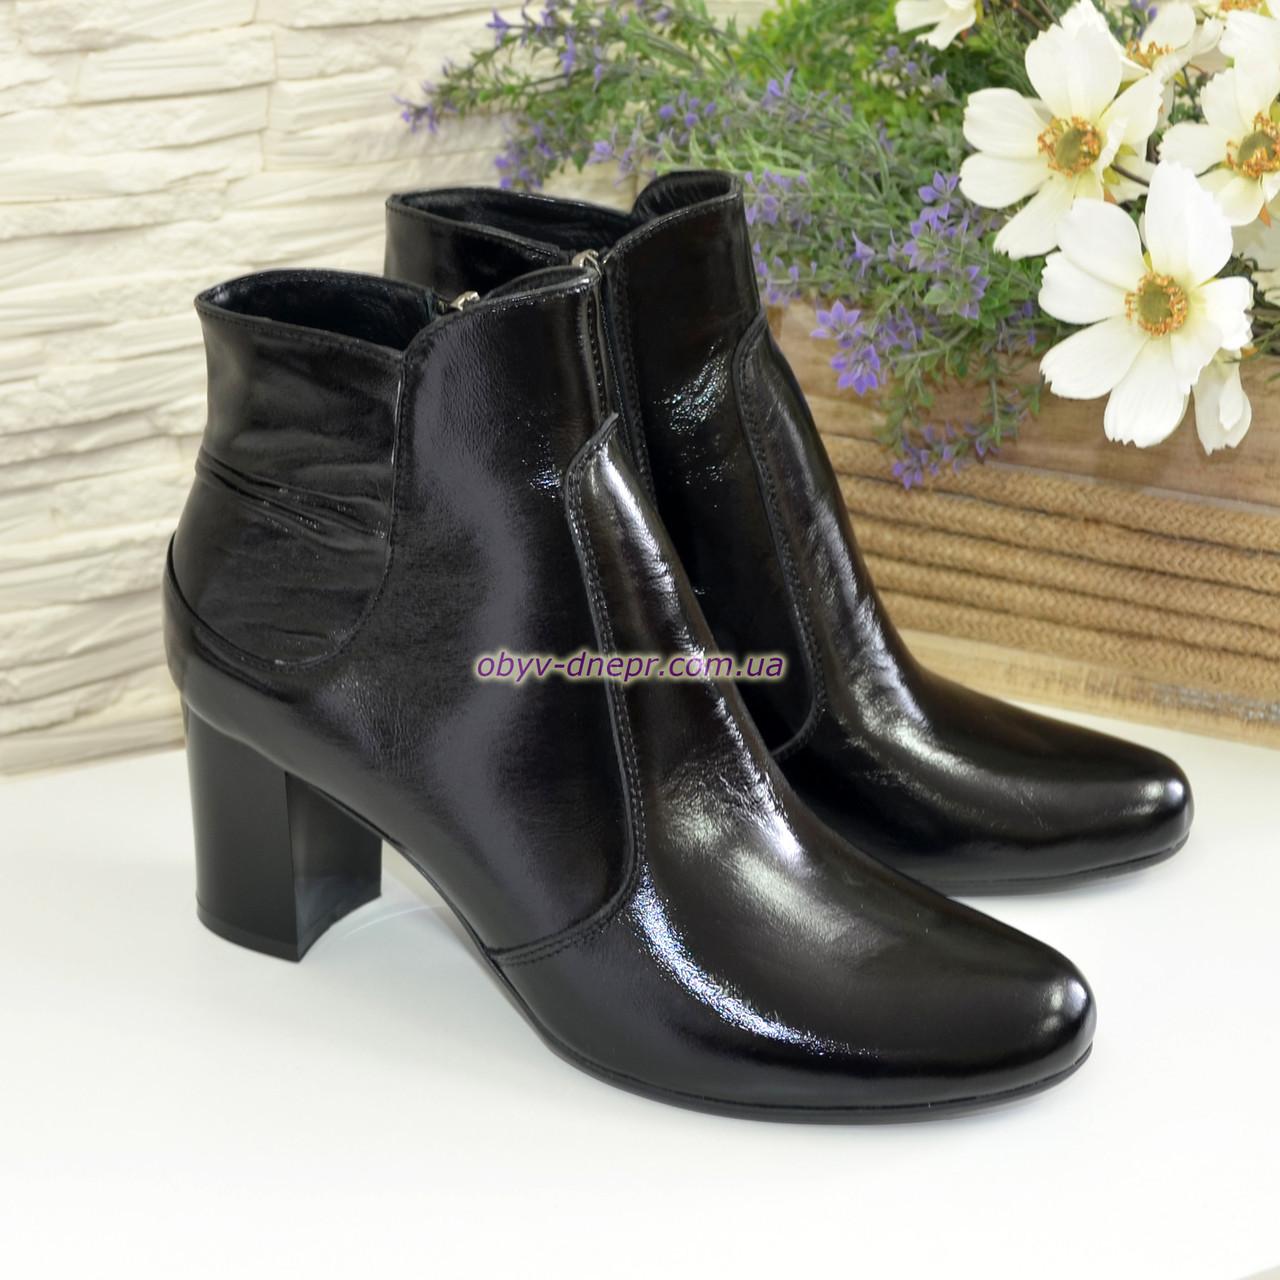 Женские классические лаковые зимние полуботинки на невысоком каблуке